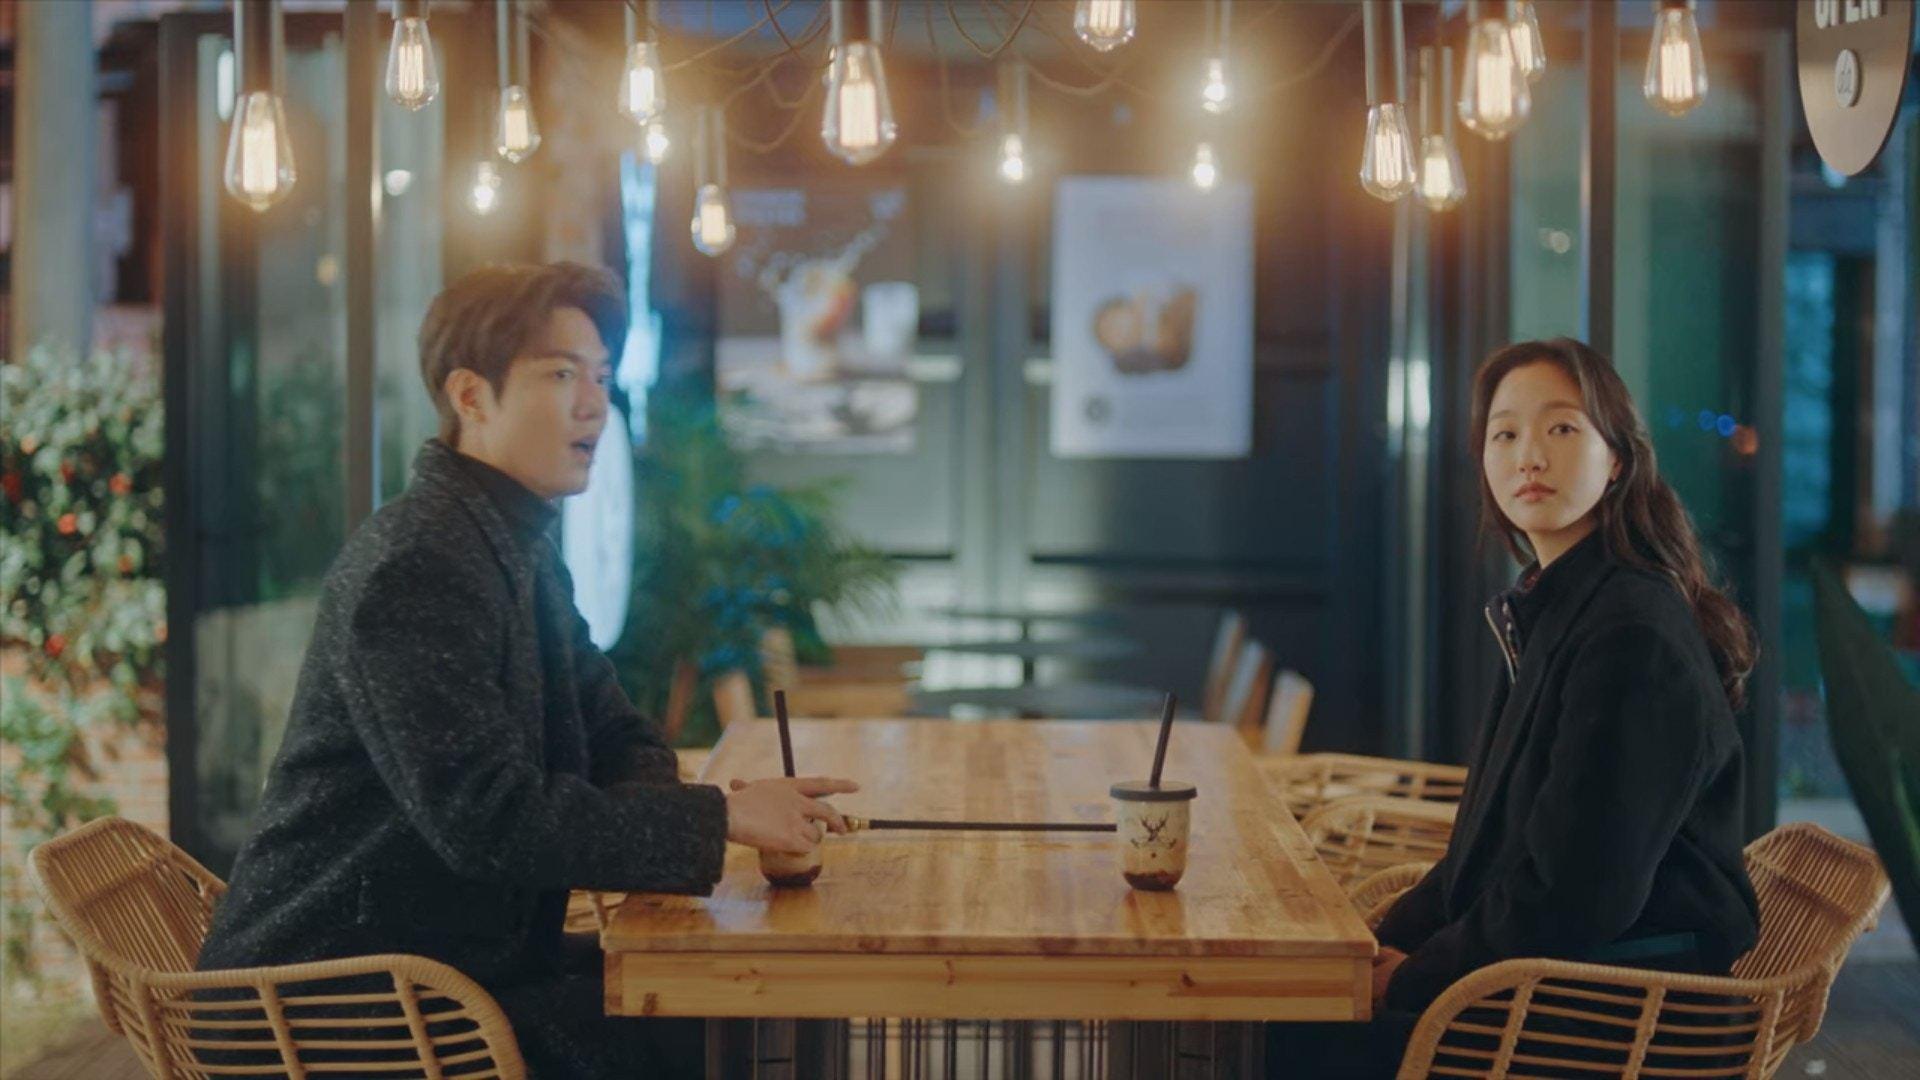 收视创新低!韩剧《国王:永远的君主》广告植入太生硬,引网友吐槽:这是电视剧还是购物广告?插图4